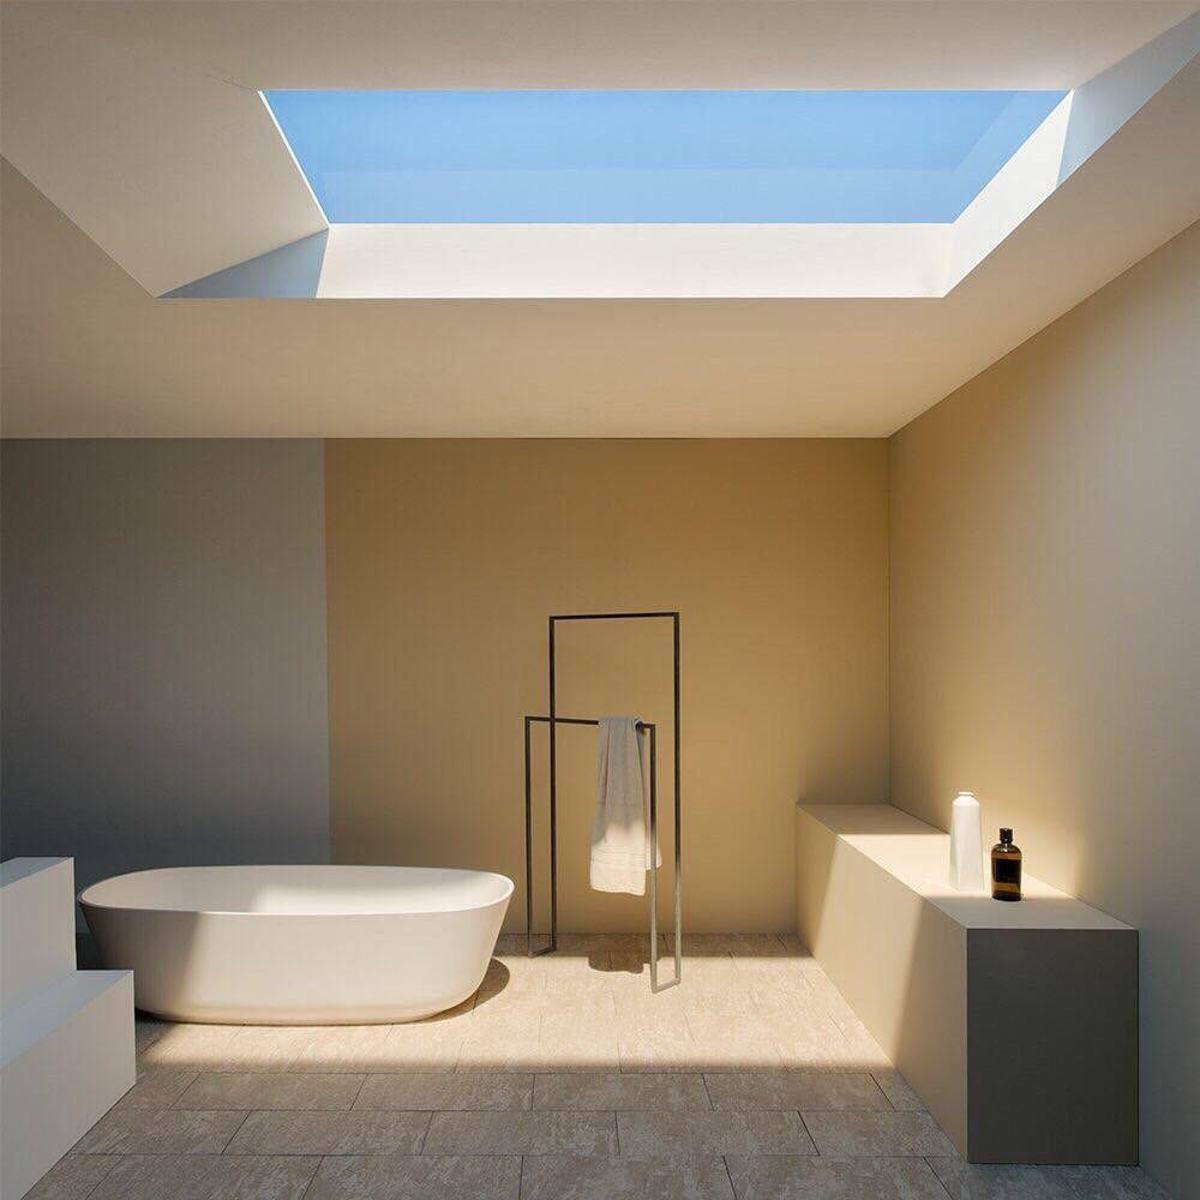 室内设计优秀作品集锦(4)